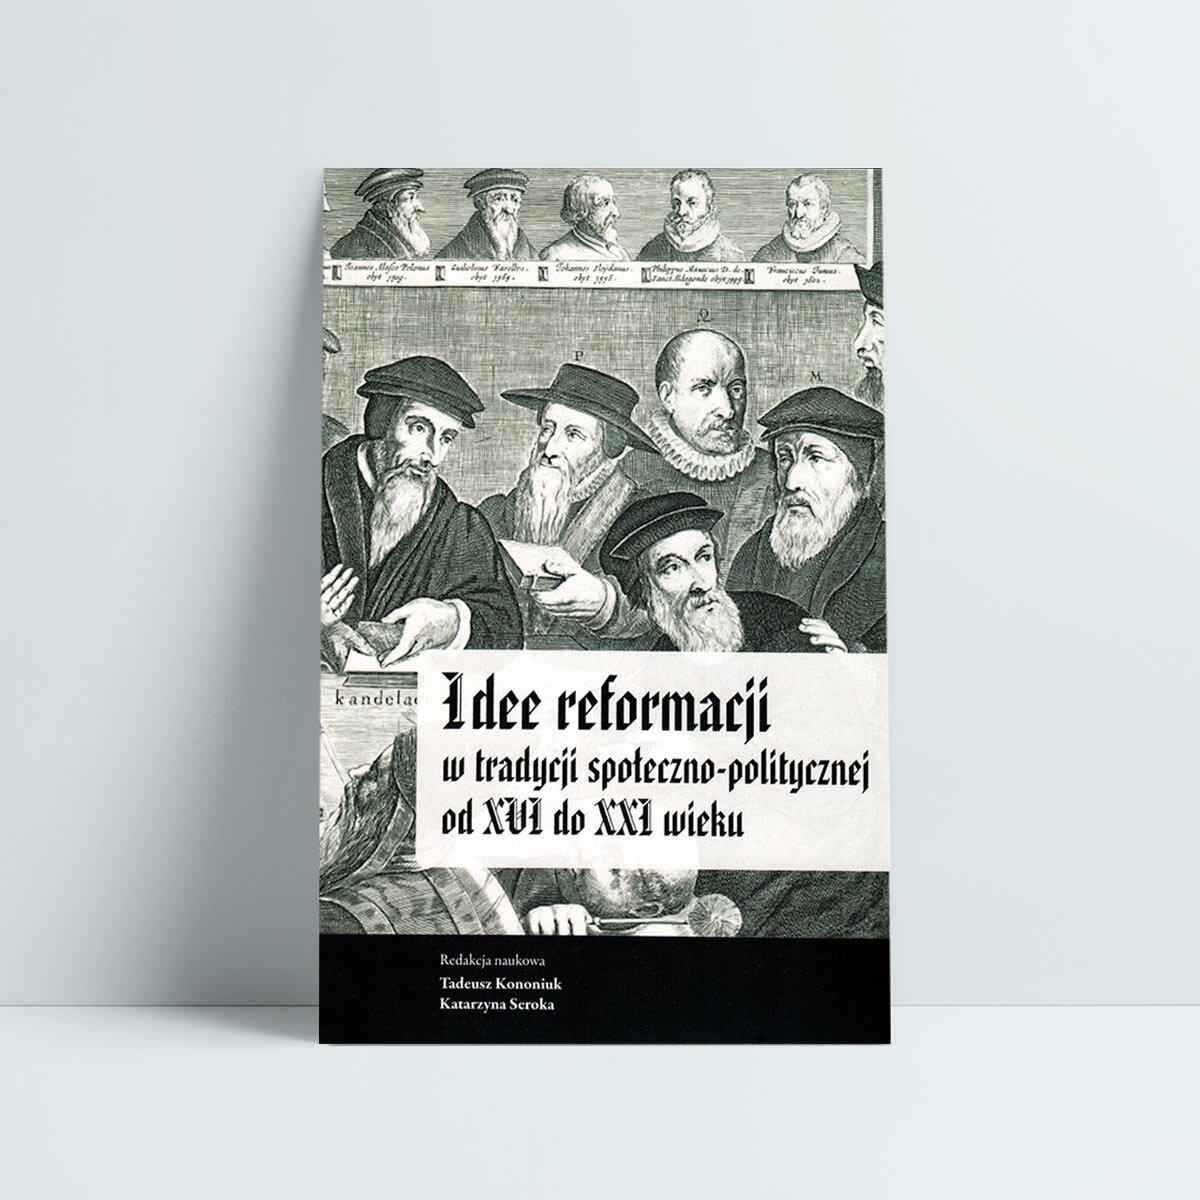 idee reformacji w tradycji społeczno-politycznej publikacja uniwersytetu warszawskiego kononiuk seroka